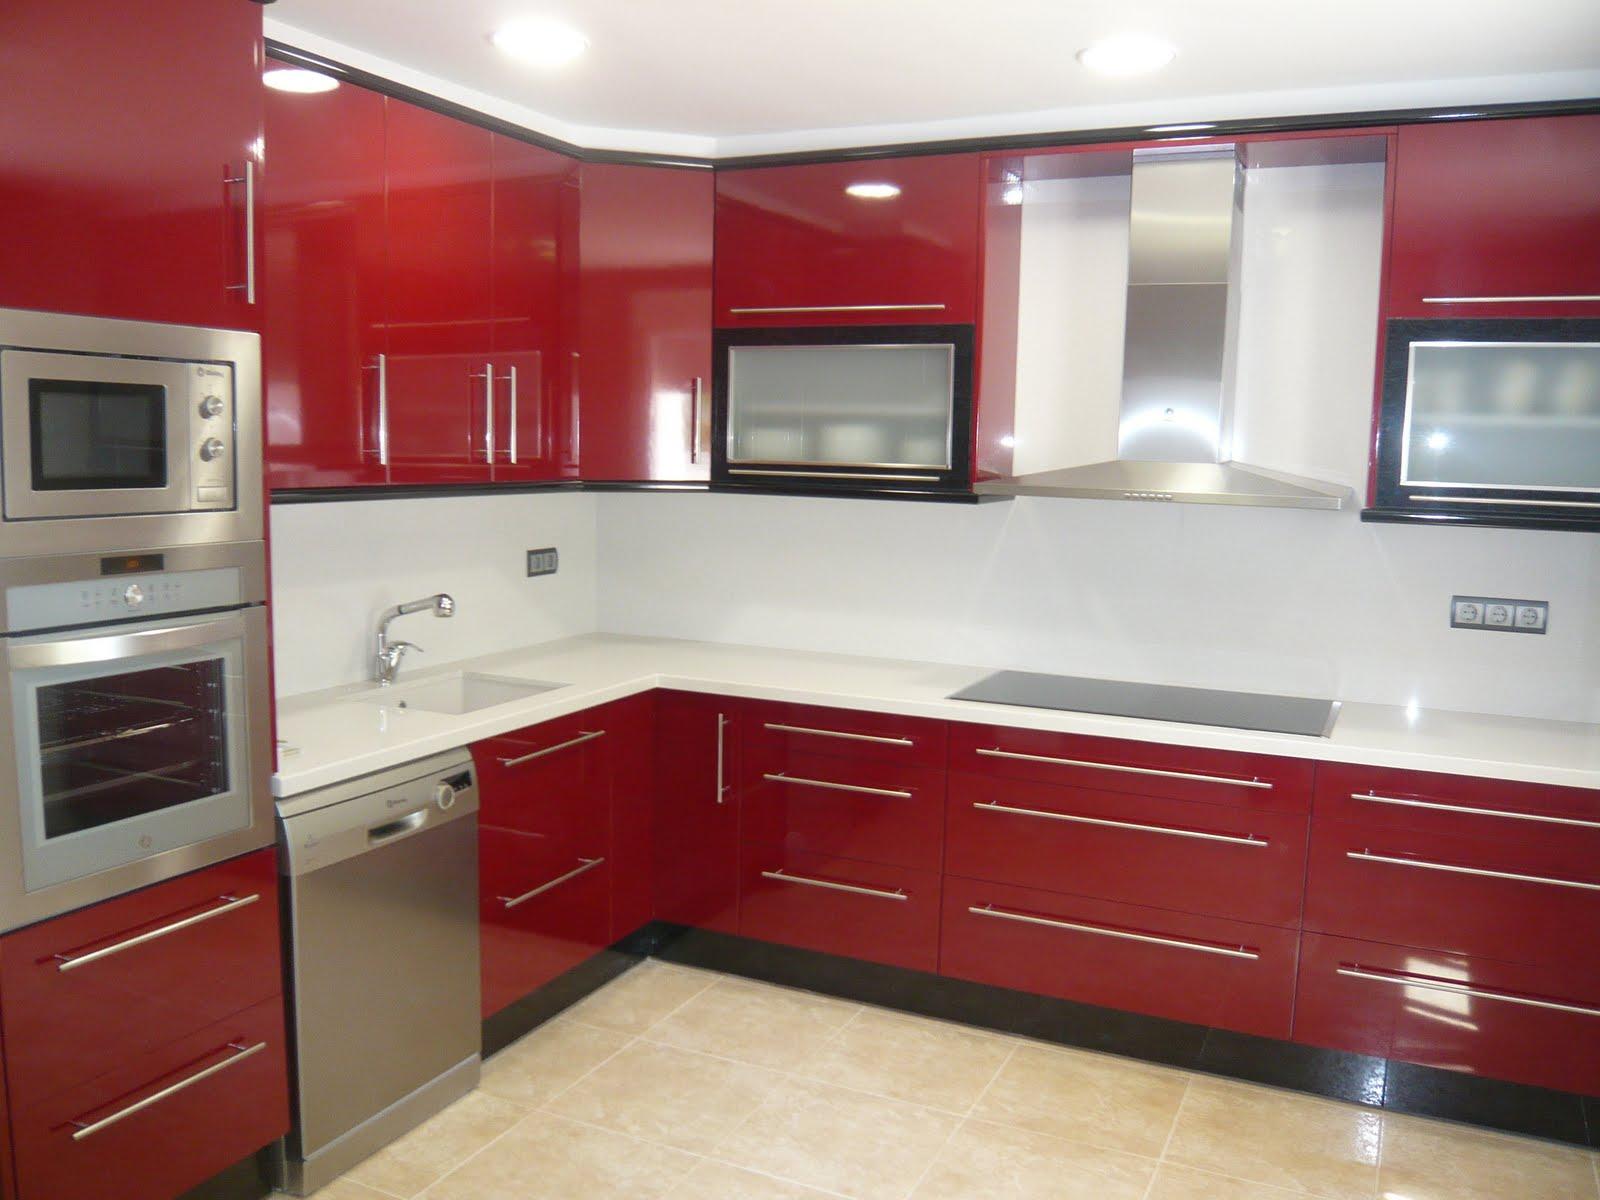 Reuscuina cocina de formica combinada rojo negro for Muebles para cocina baratos